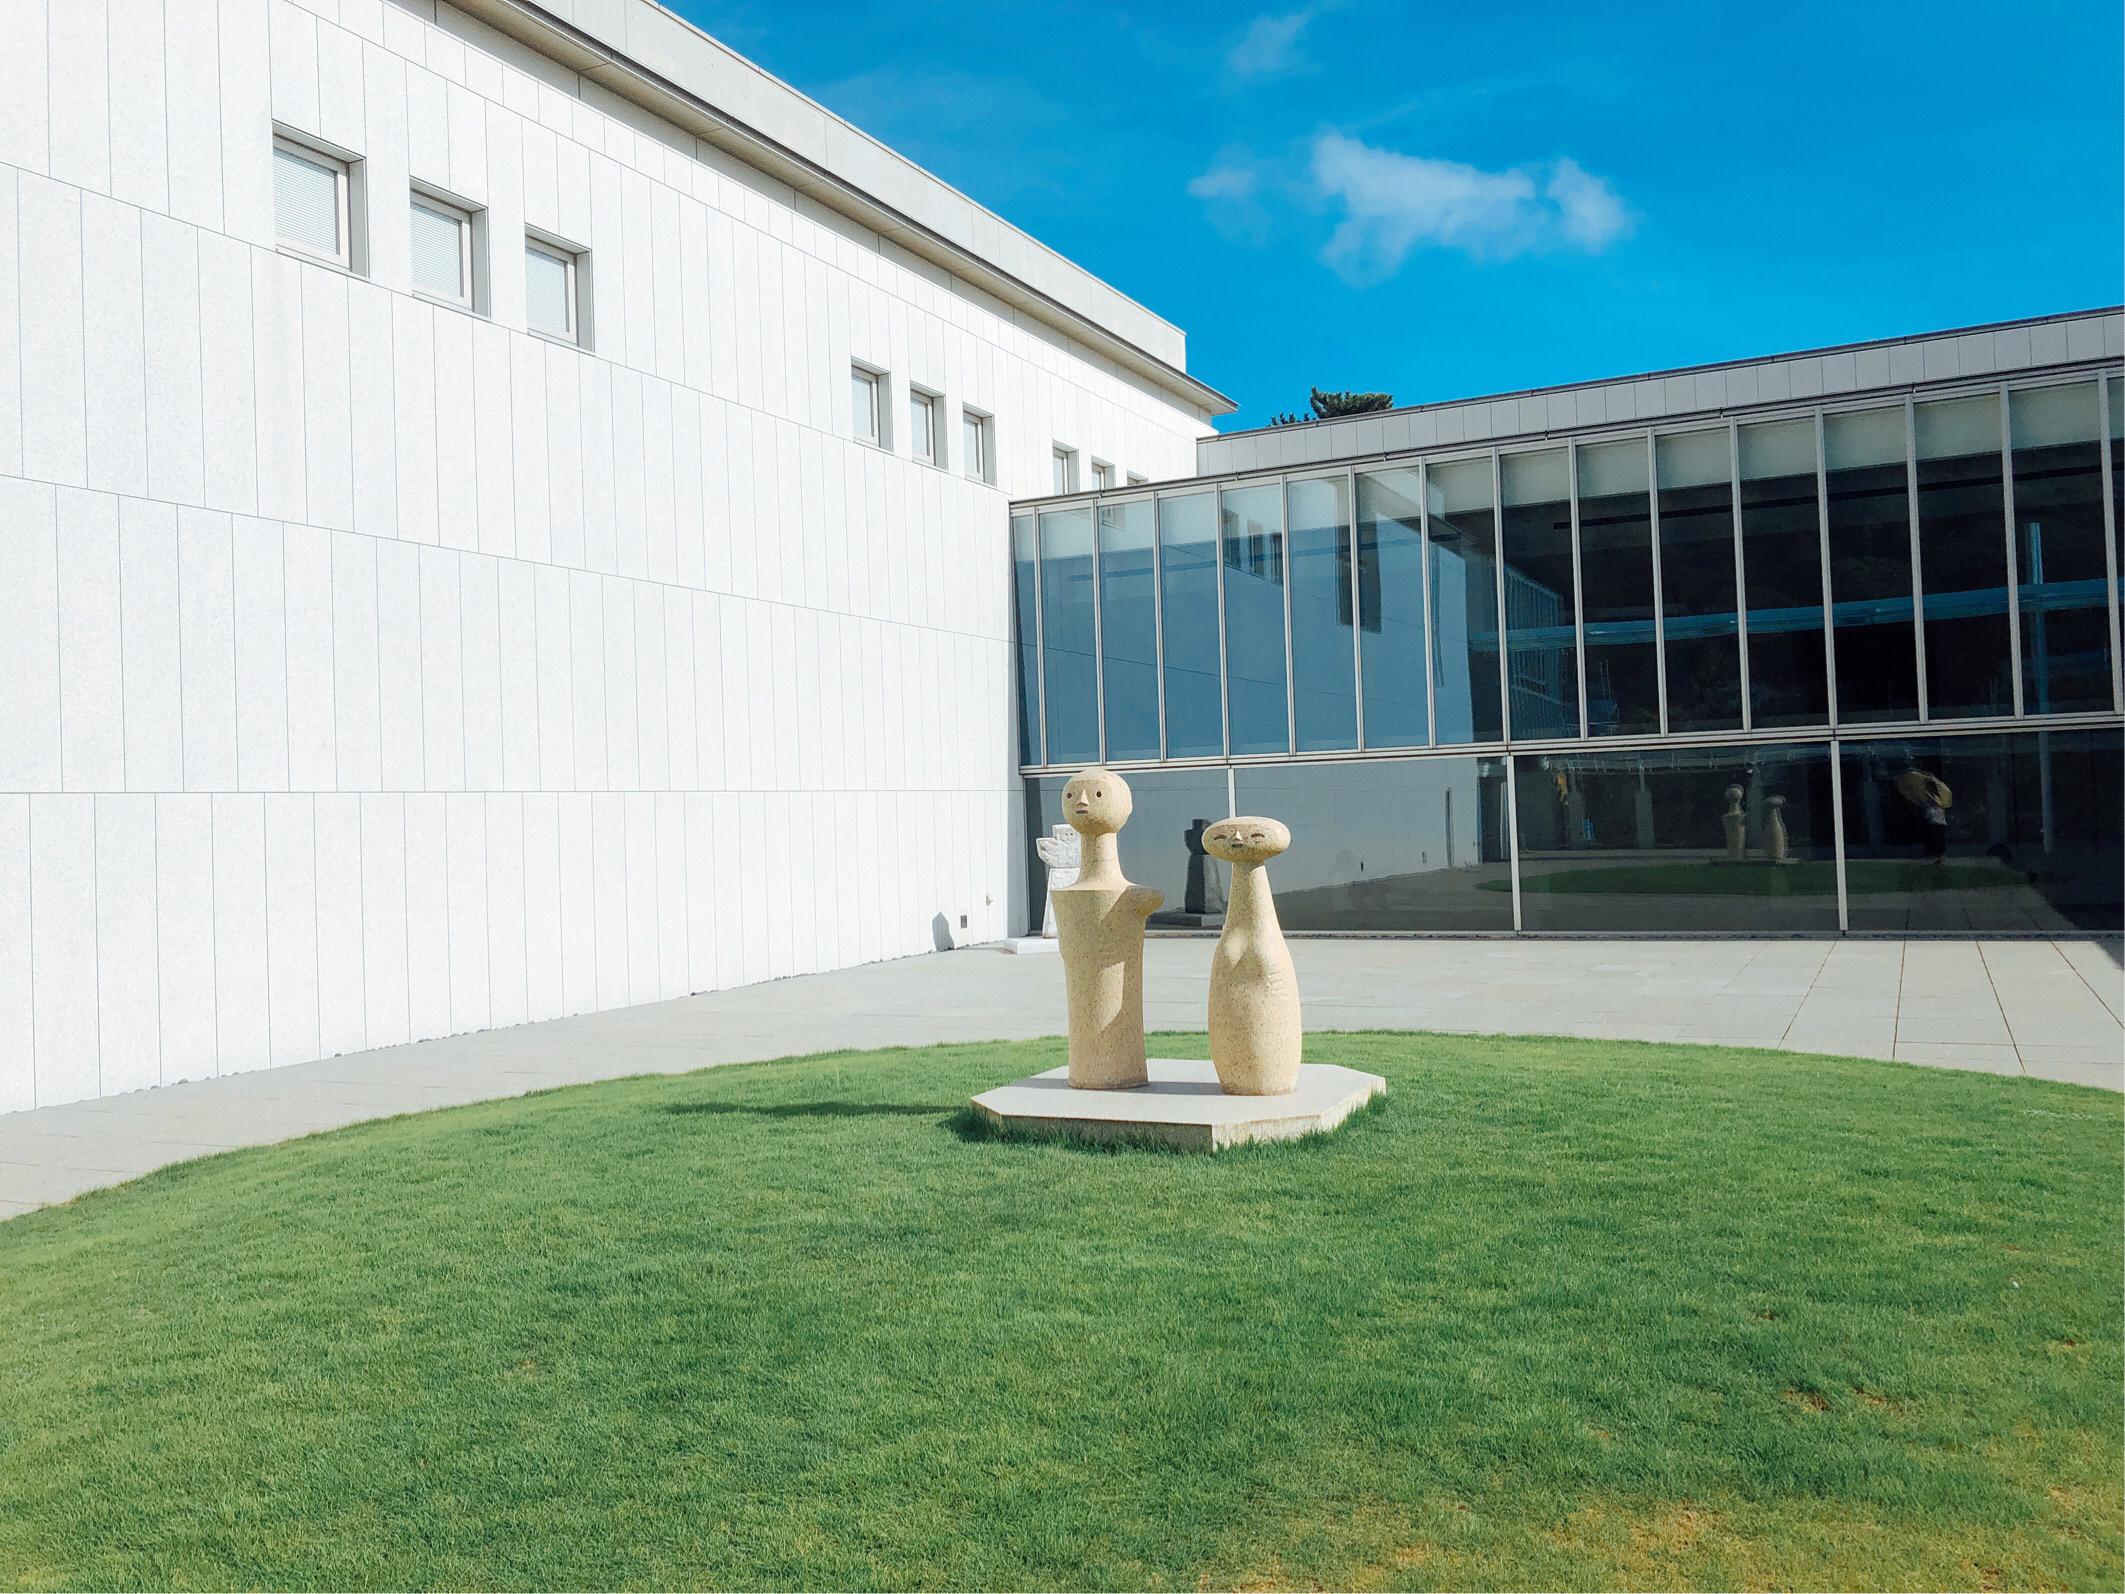 葉山美術館入口のオブジェの写真です。